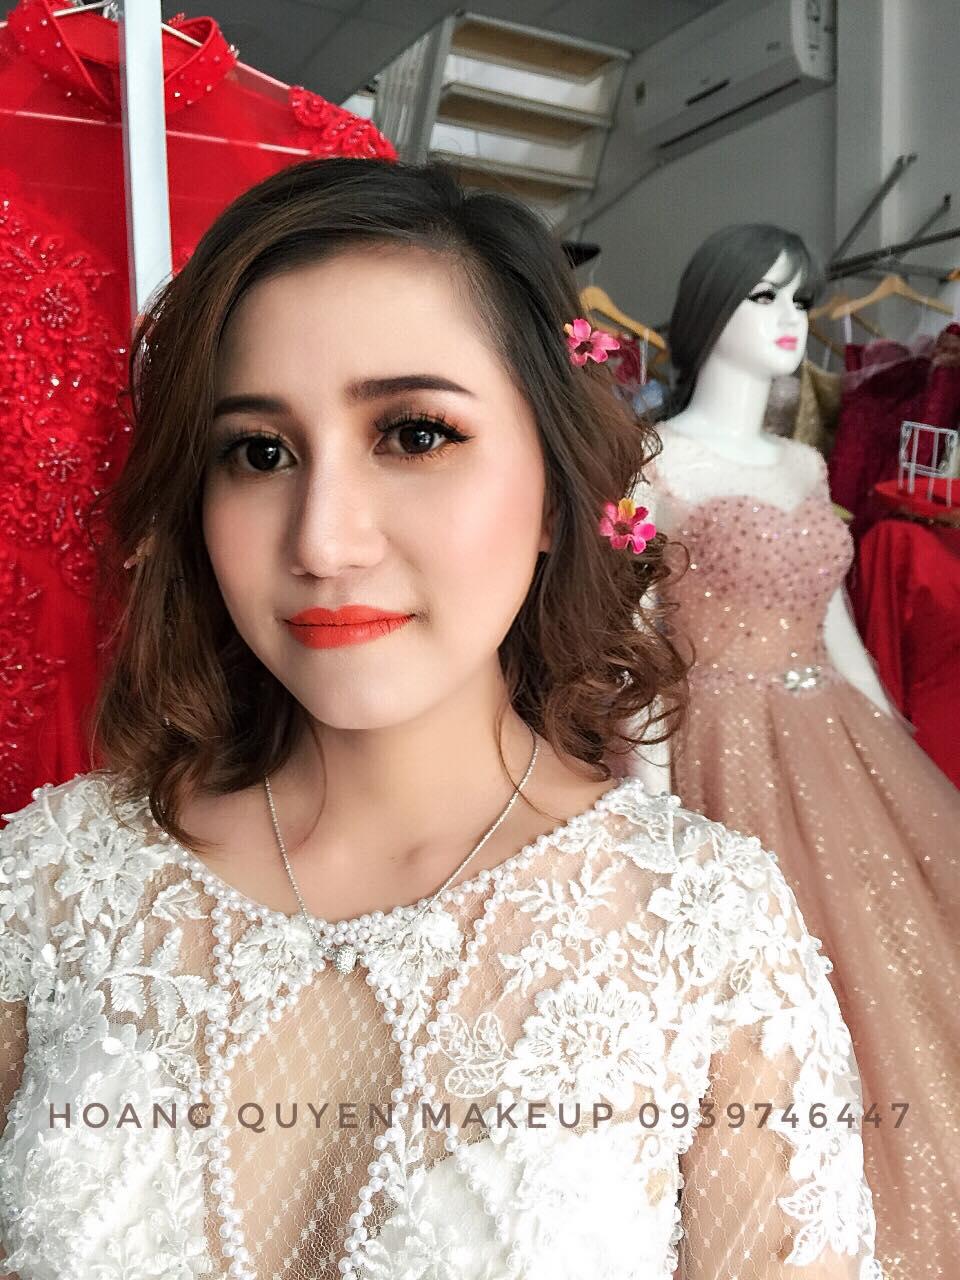 Top 7 tiệm trang điểm cô dâu đẹp nhất tại Trà Vinh -  Make Up Huỳnh Hoàng Quyên (Studio DÂU)